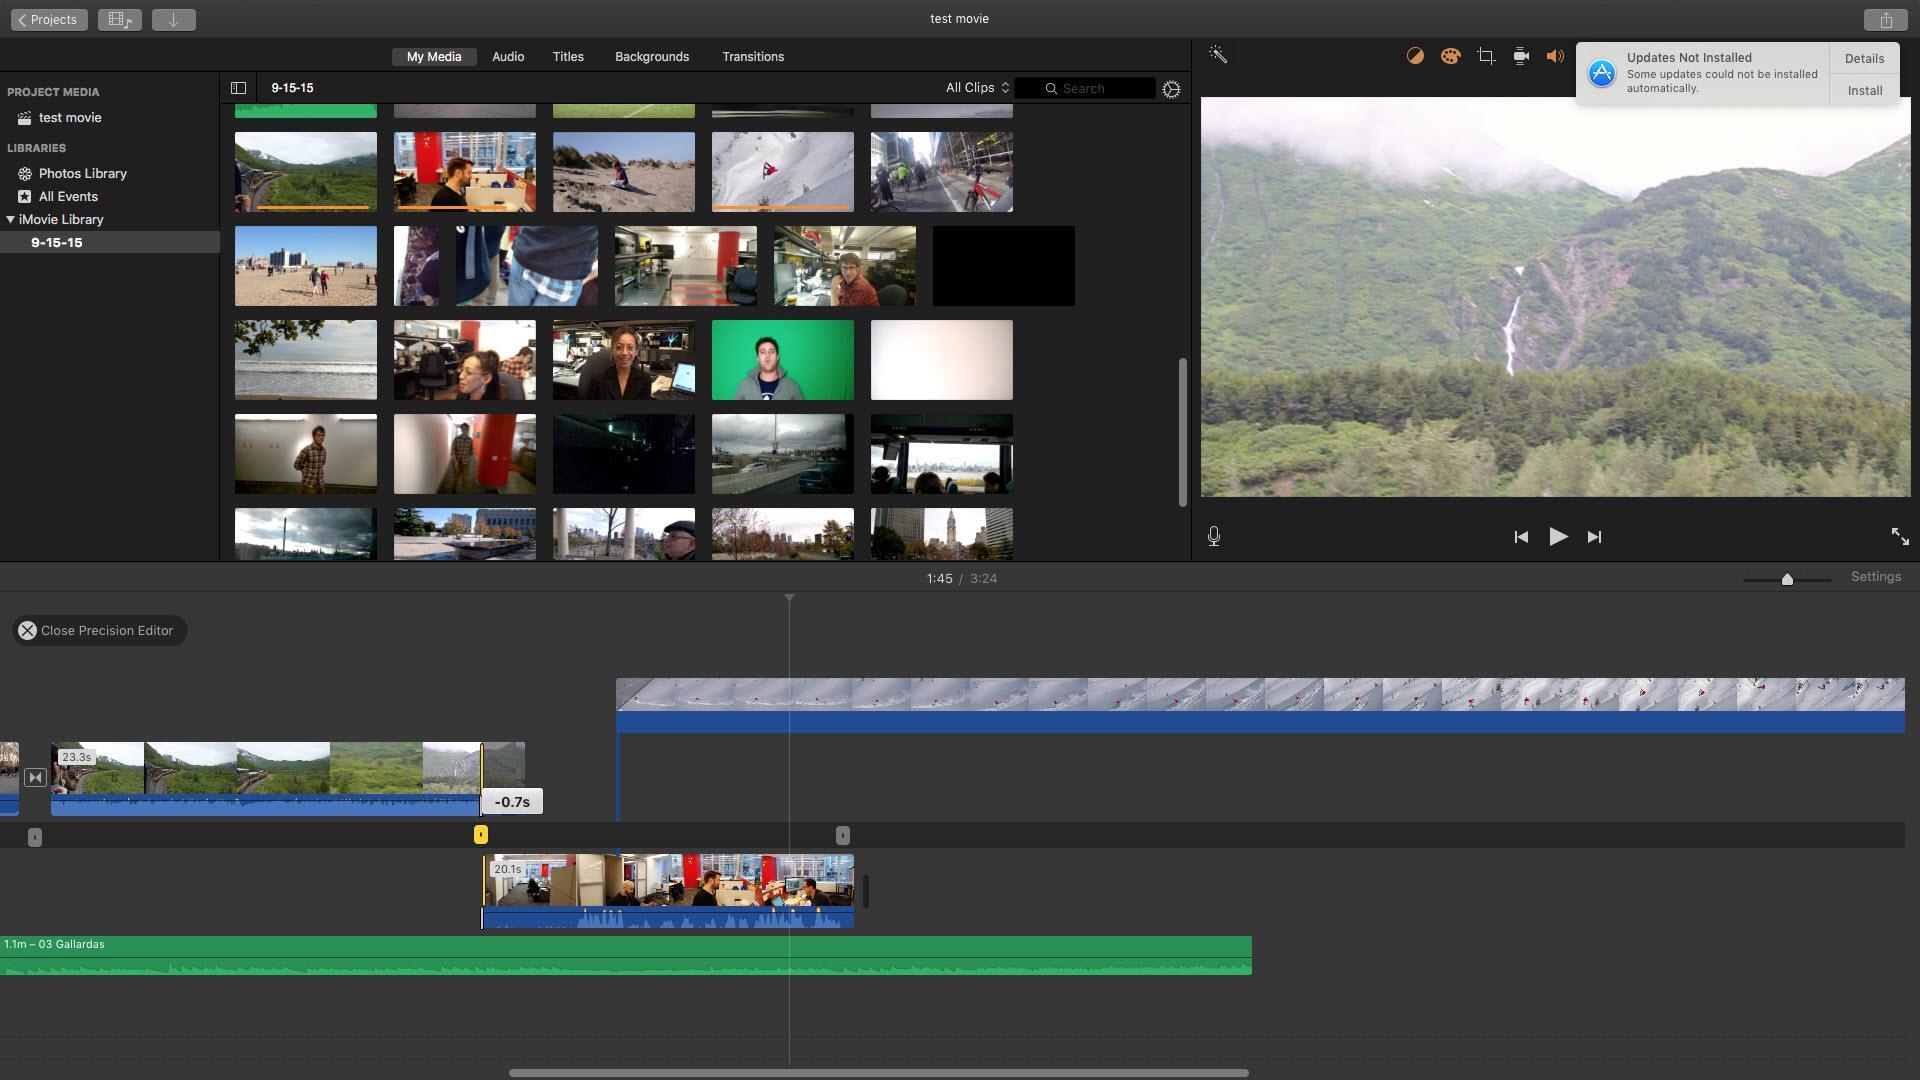 Apple сделала iMovie, GarageBand иприложения изпакета iWork бесплатными для всех пользователей